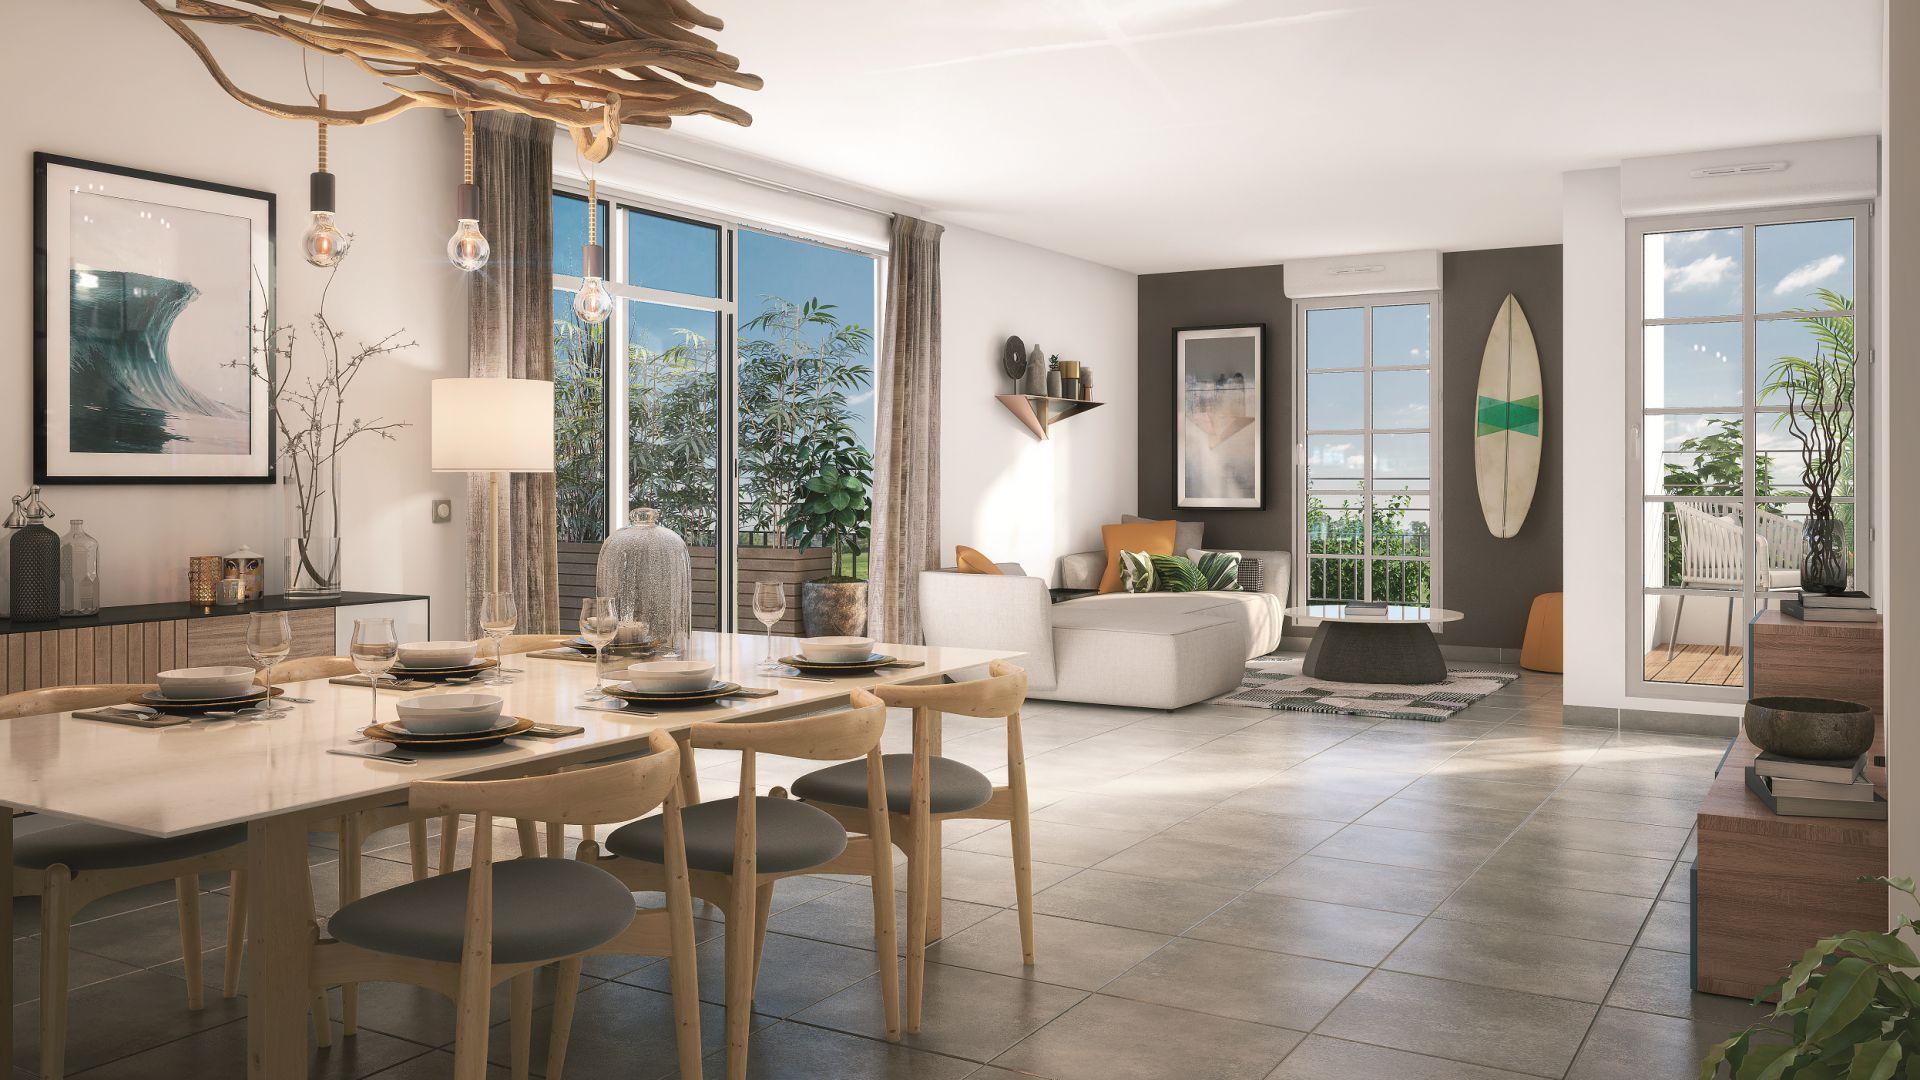 GreenCity immobilier - Biscarrosse - 40 600 - appartements du T1Bis au T4 - vue intérieure